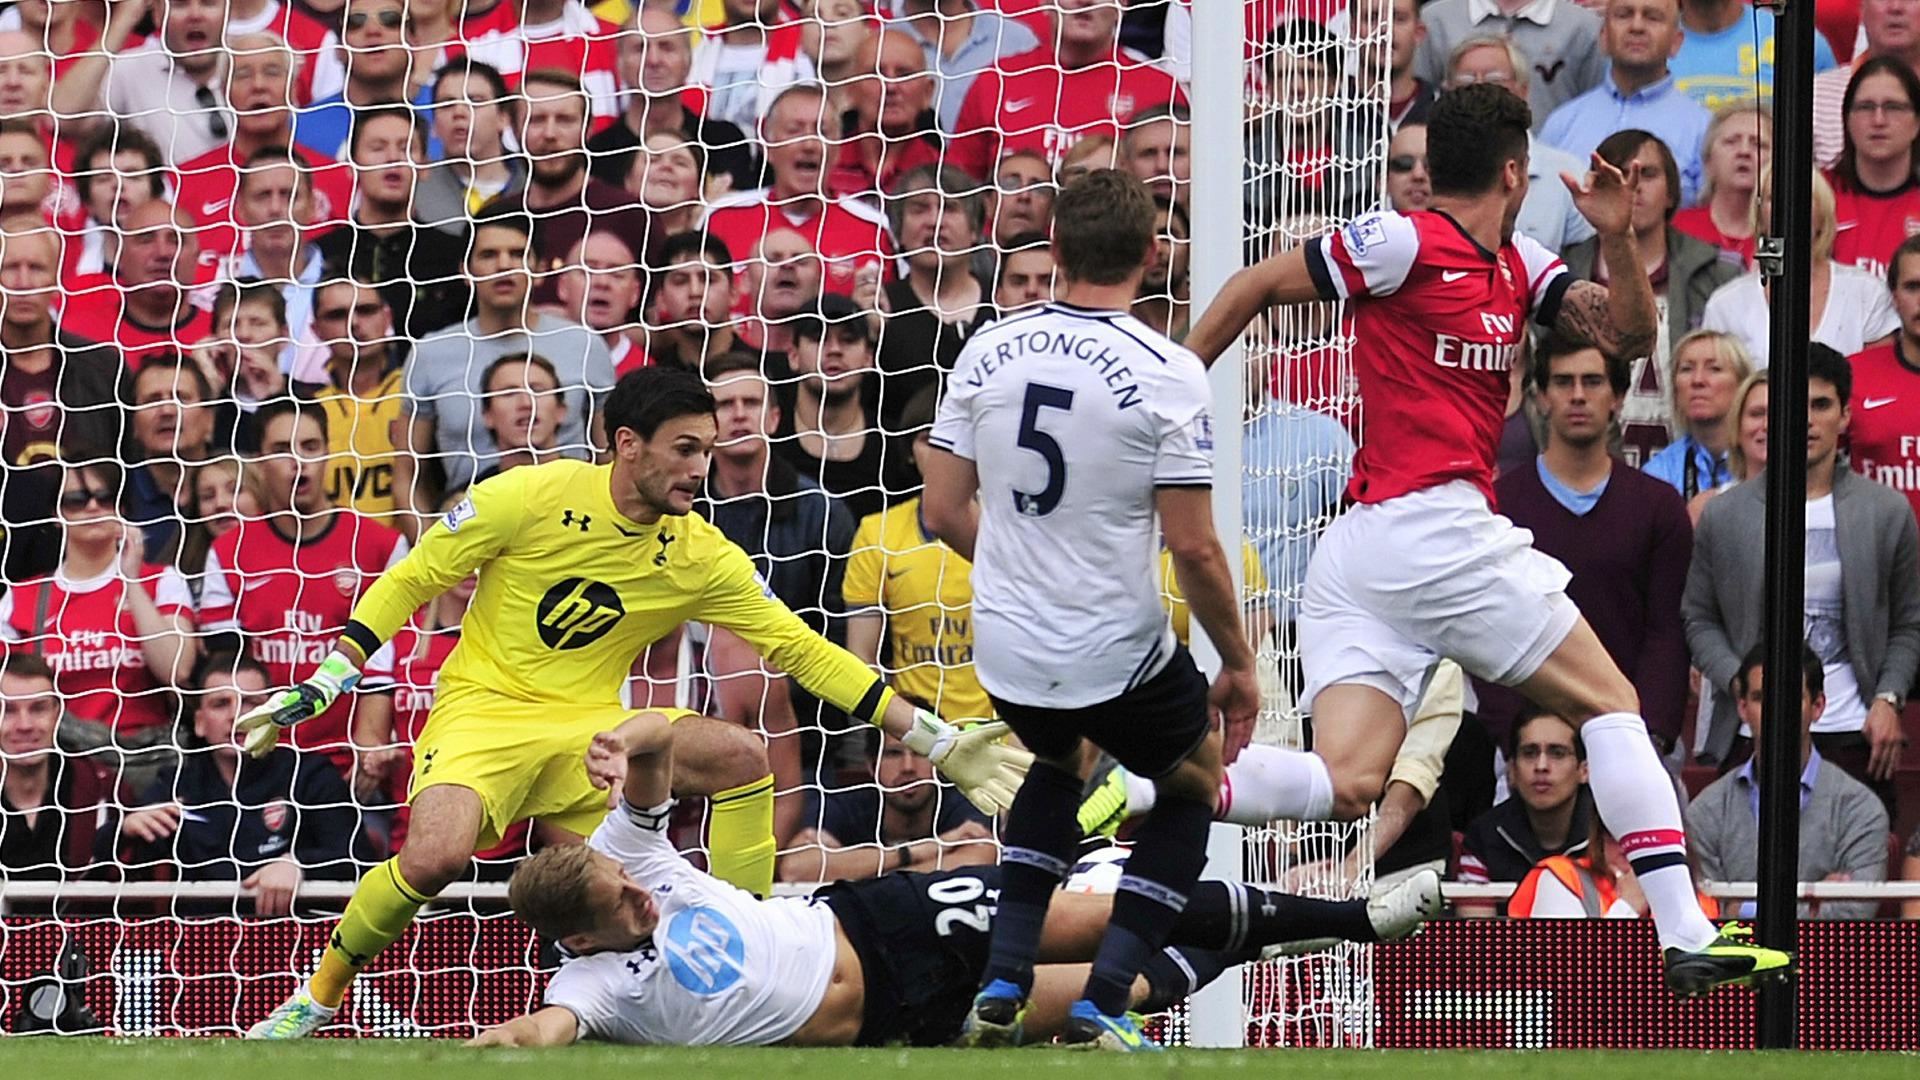 Arsenal-Tottenham Giroud 2014